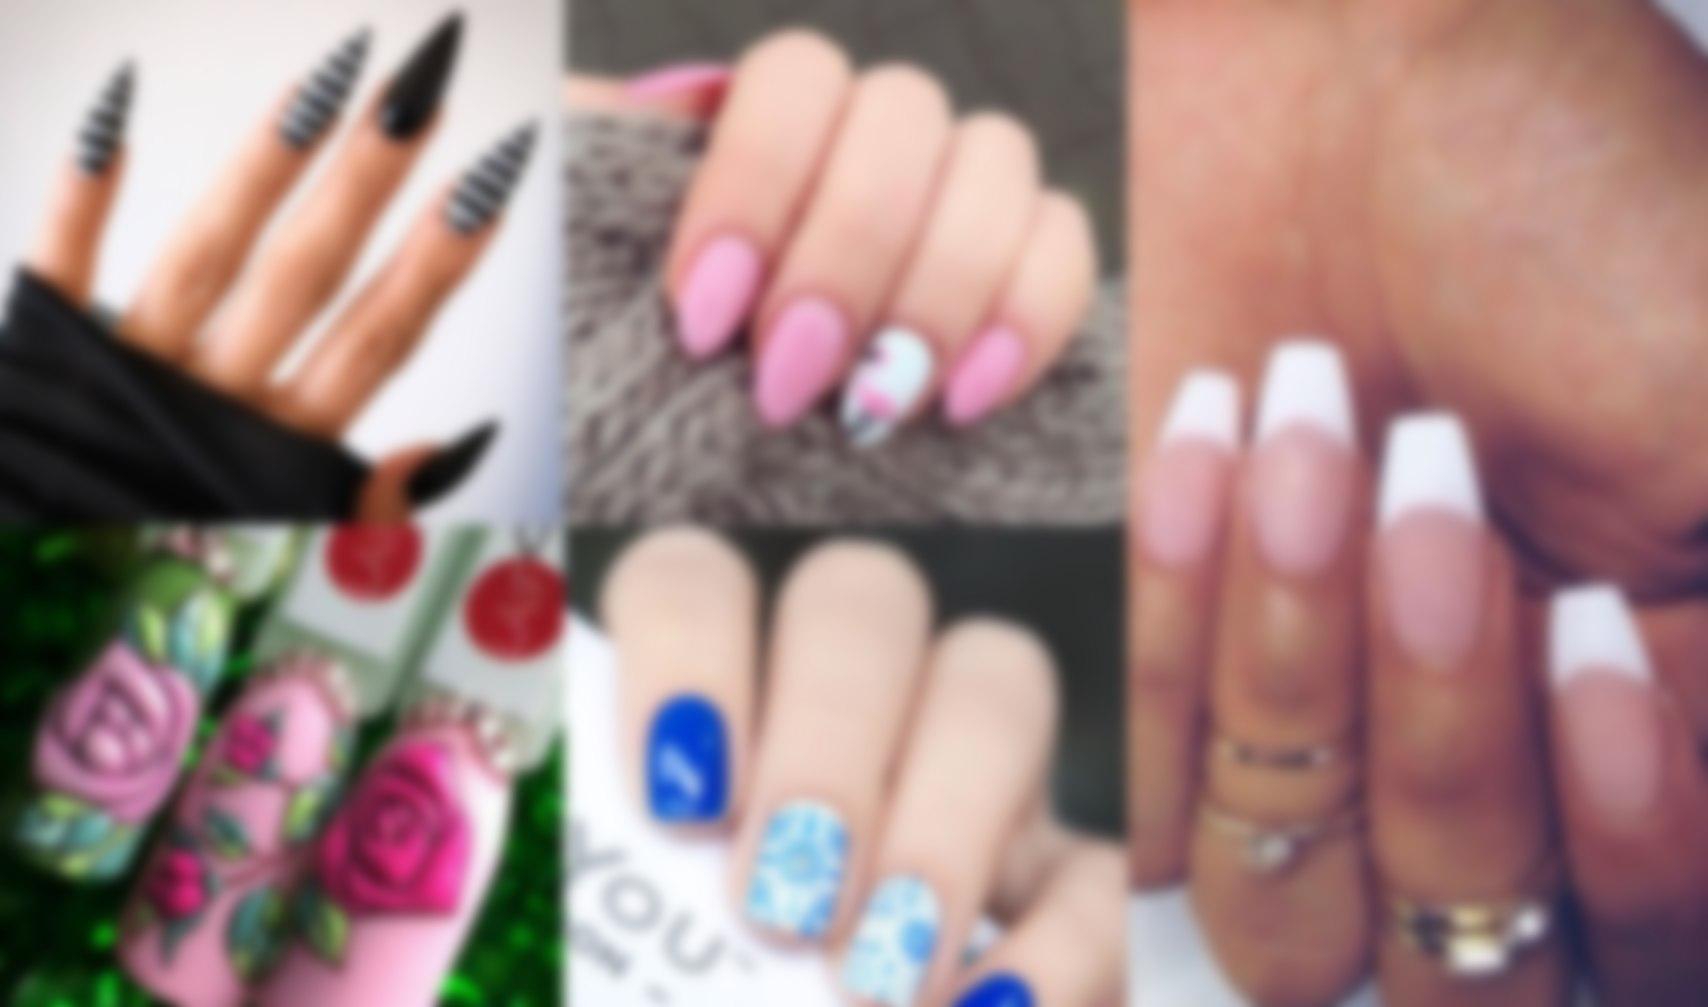 Ногти 23: модные идеи, что актуально, тенденции (фото)